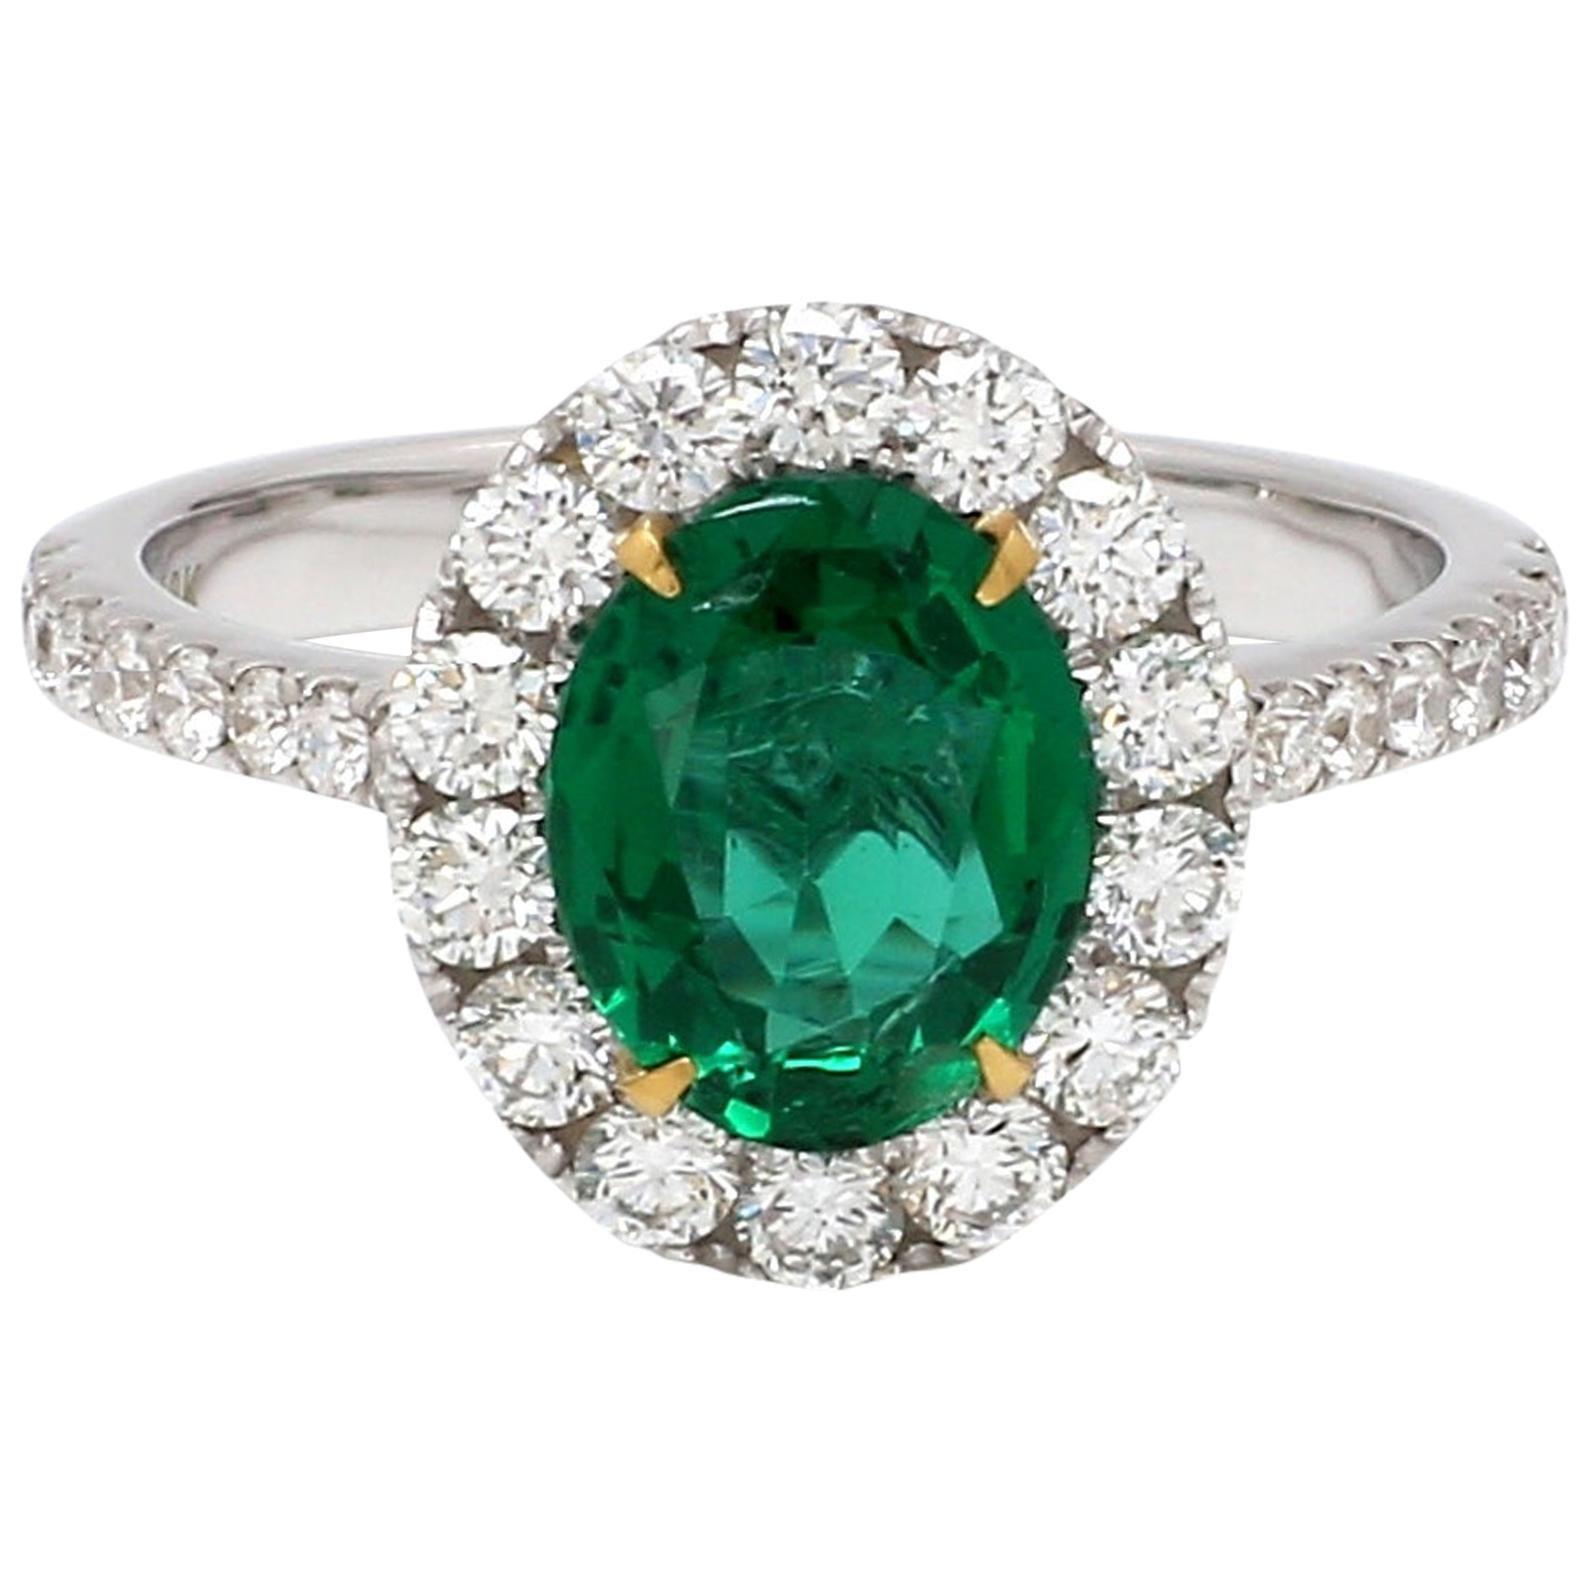 18 Karat White Gold Zambian Emerald Halo Diamond Ring